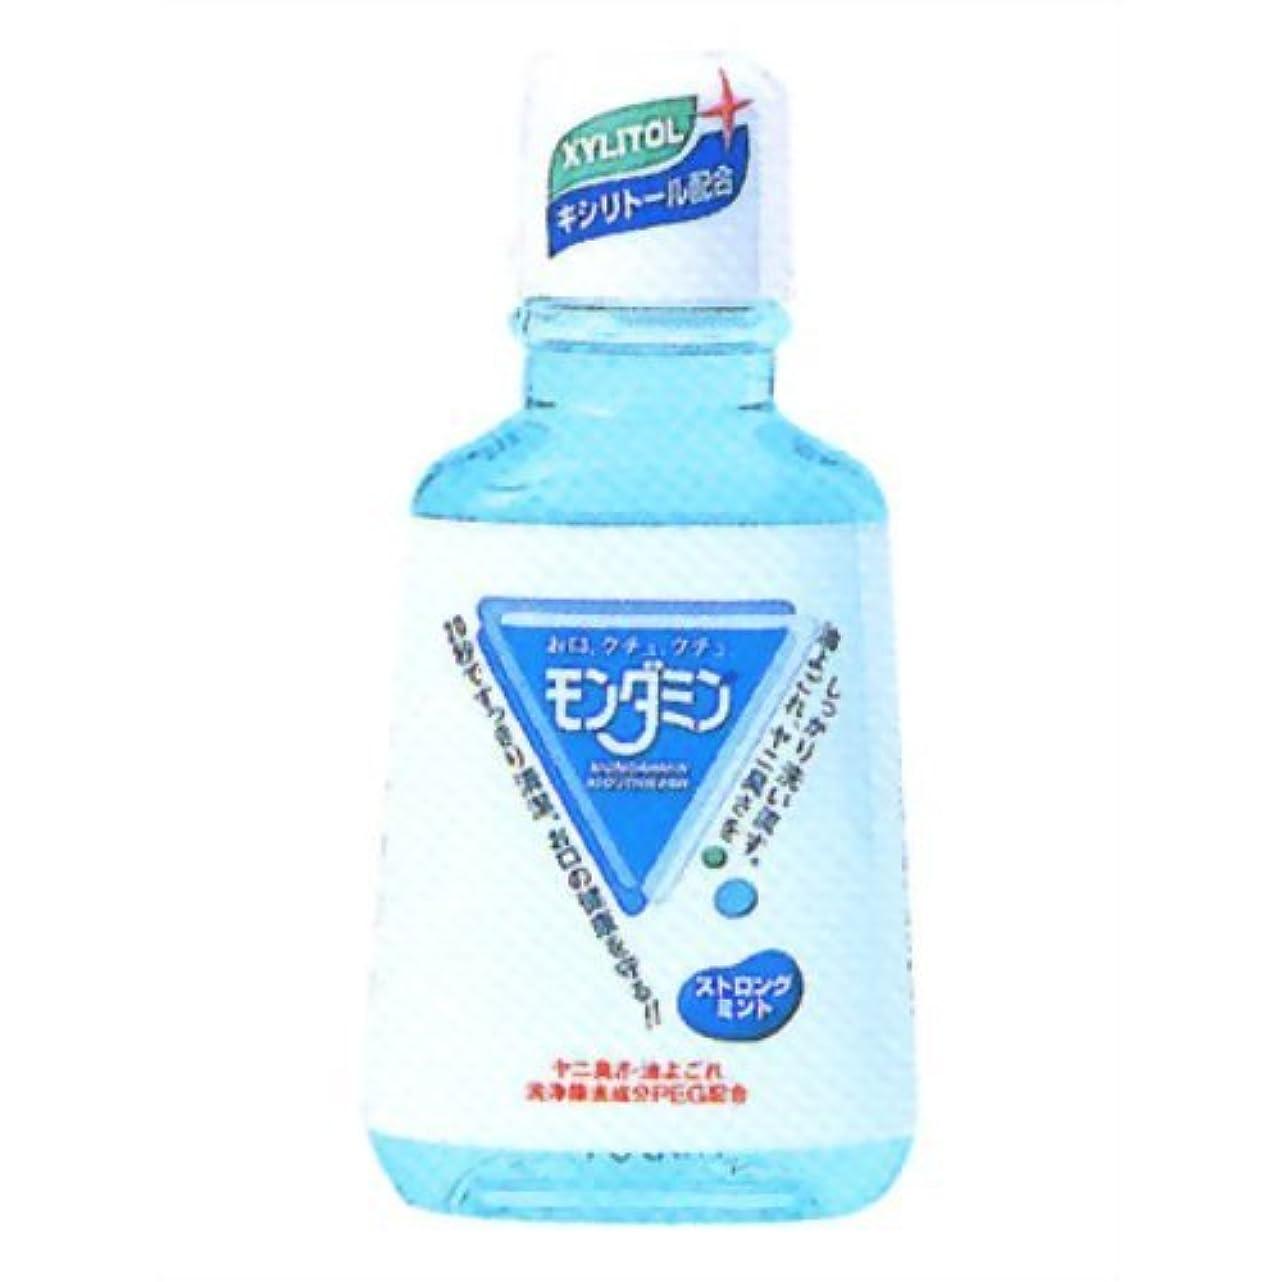 発見バインドうまくいけばモンダミン ストロングミント ミニボトル × 12個セット